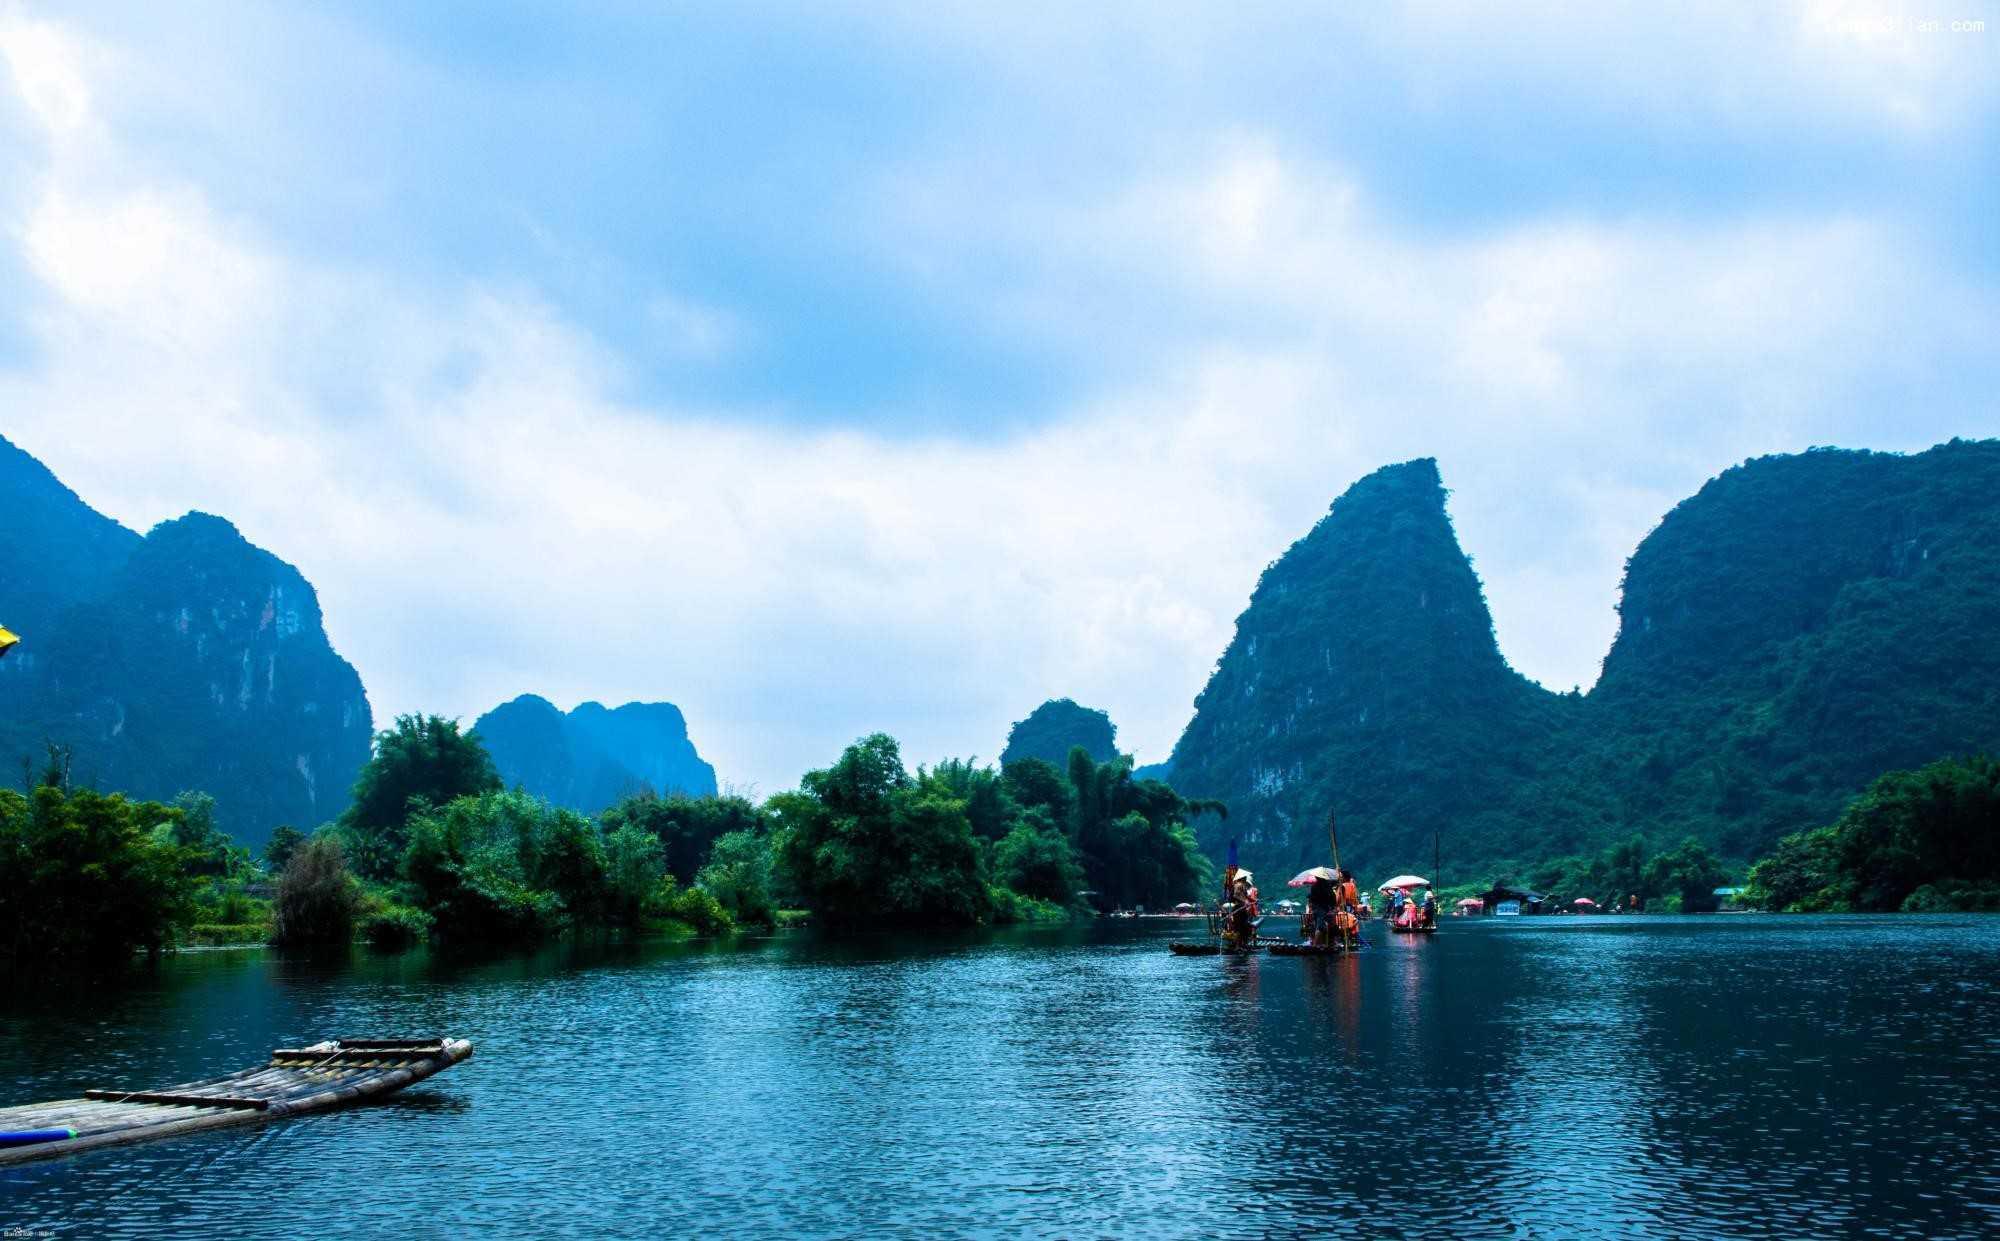 桂林无线覆盖